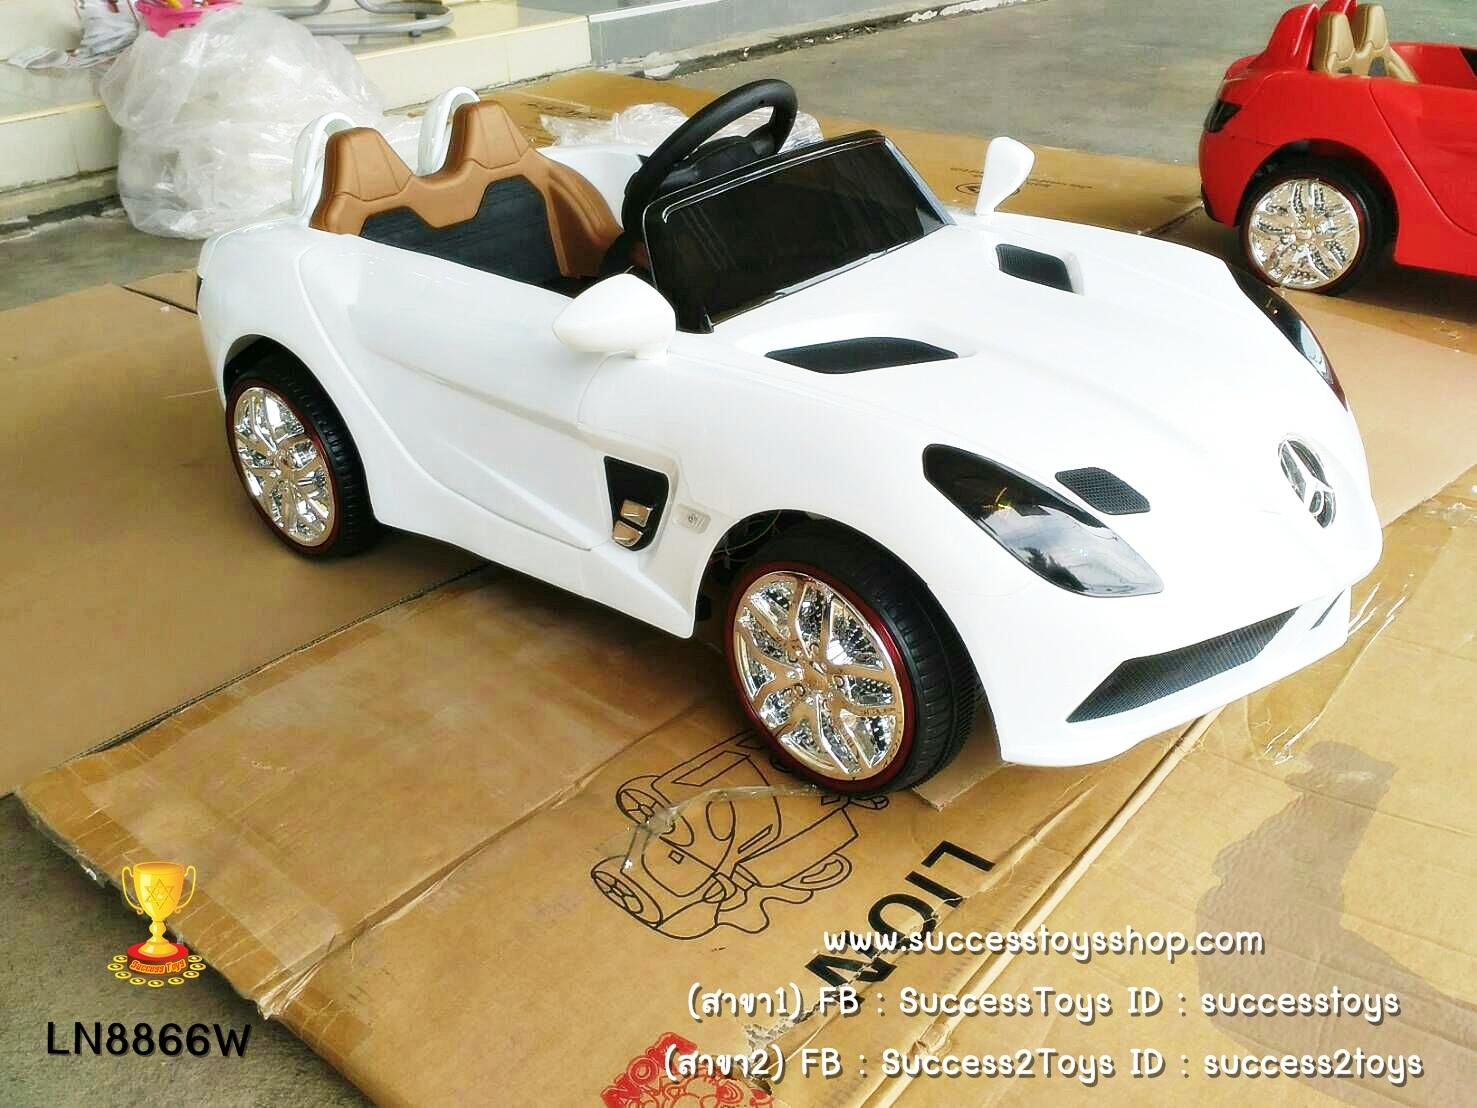 LM8866W รถแบตเตอรี่เด็กนั่งไฟฟ้า รถเบซ์ 2 มอเตอร์สีขาว